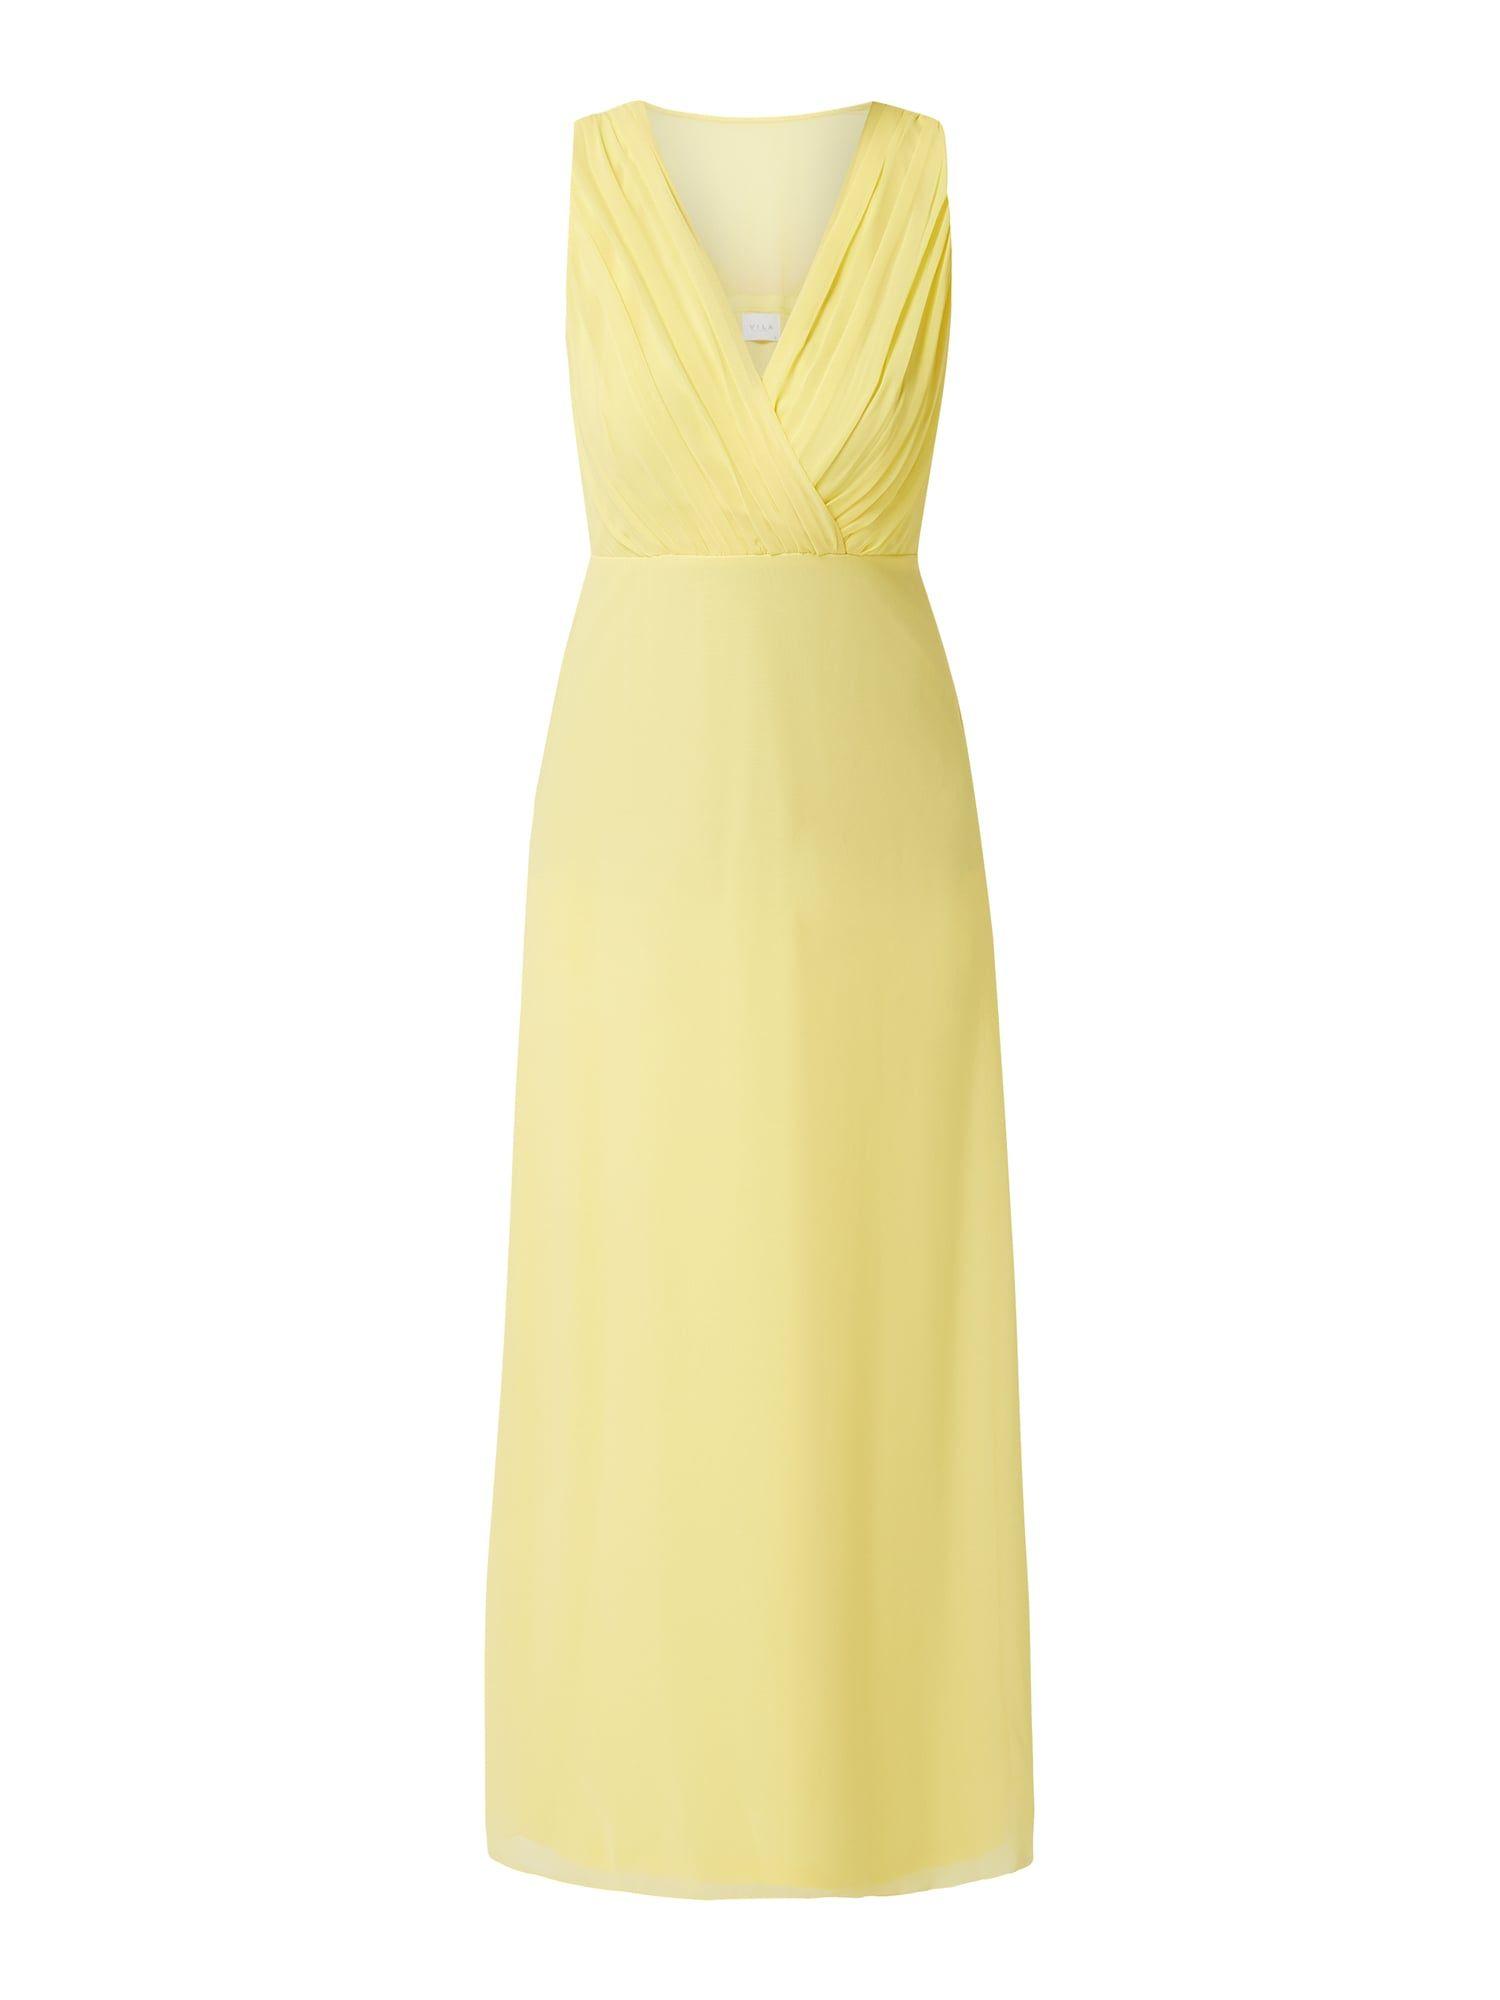 Vila - Abendkleid aus Chiffon - Gelb in 2020 | Abendkleid ...